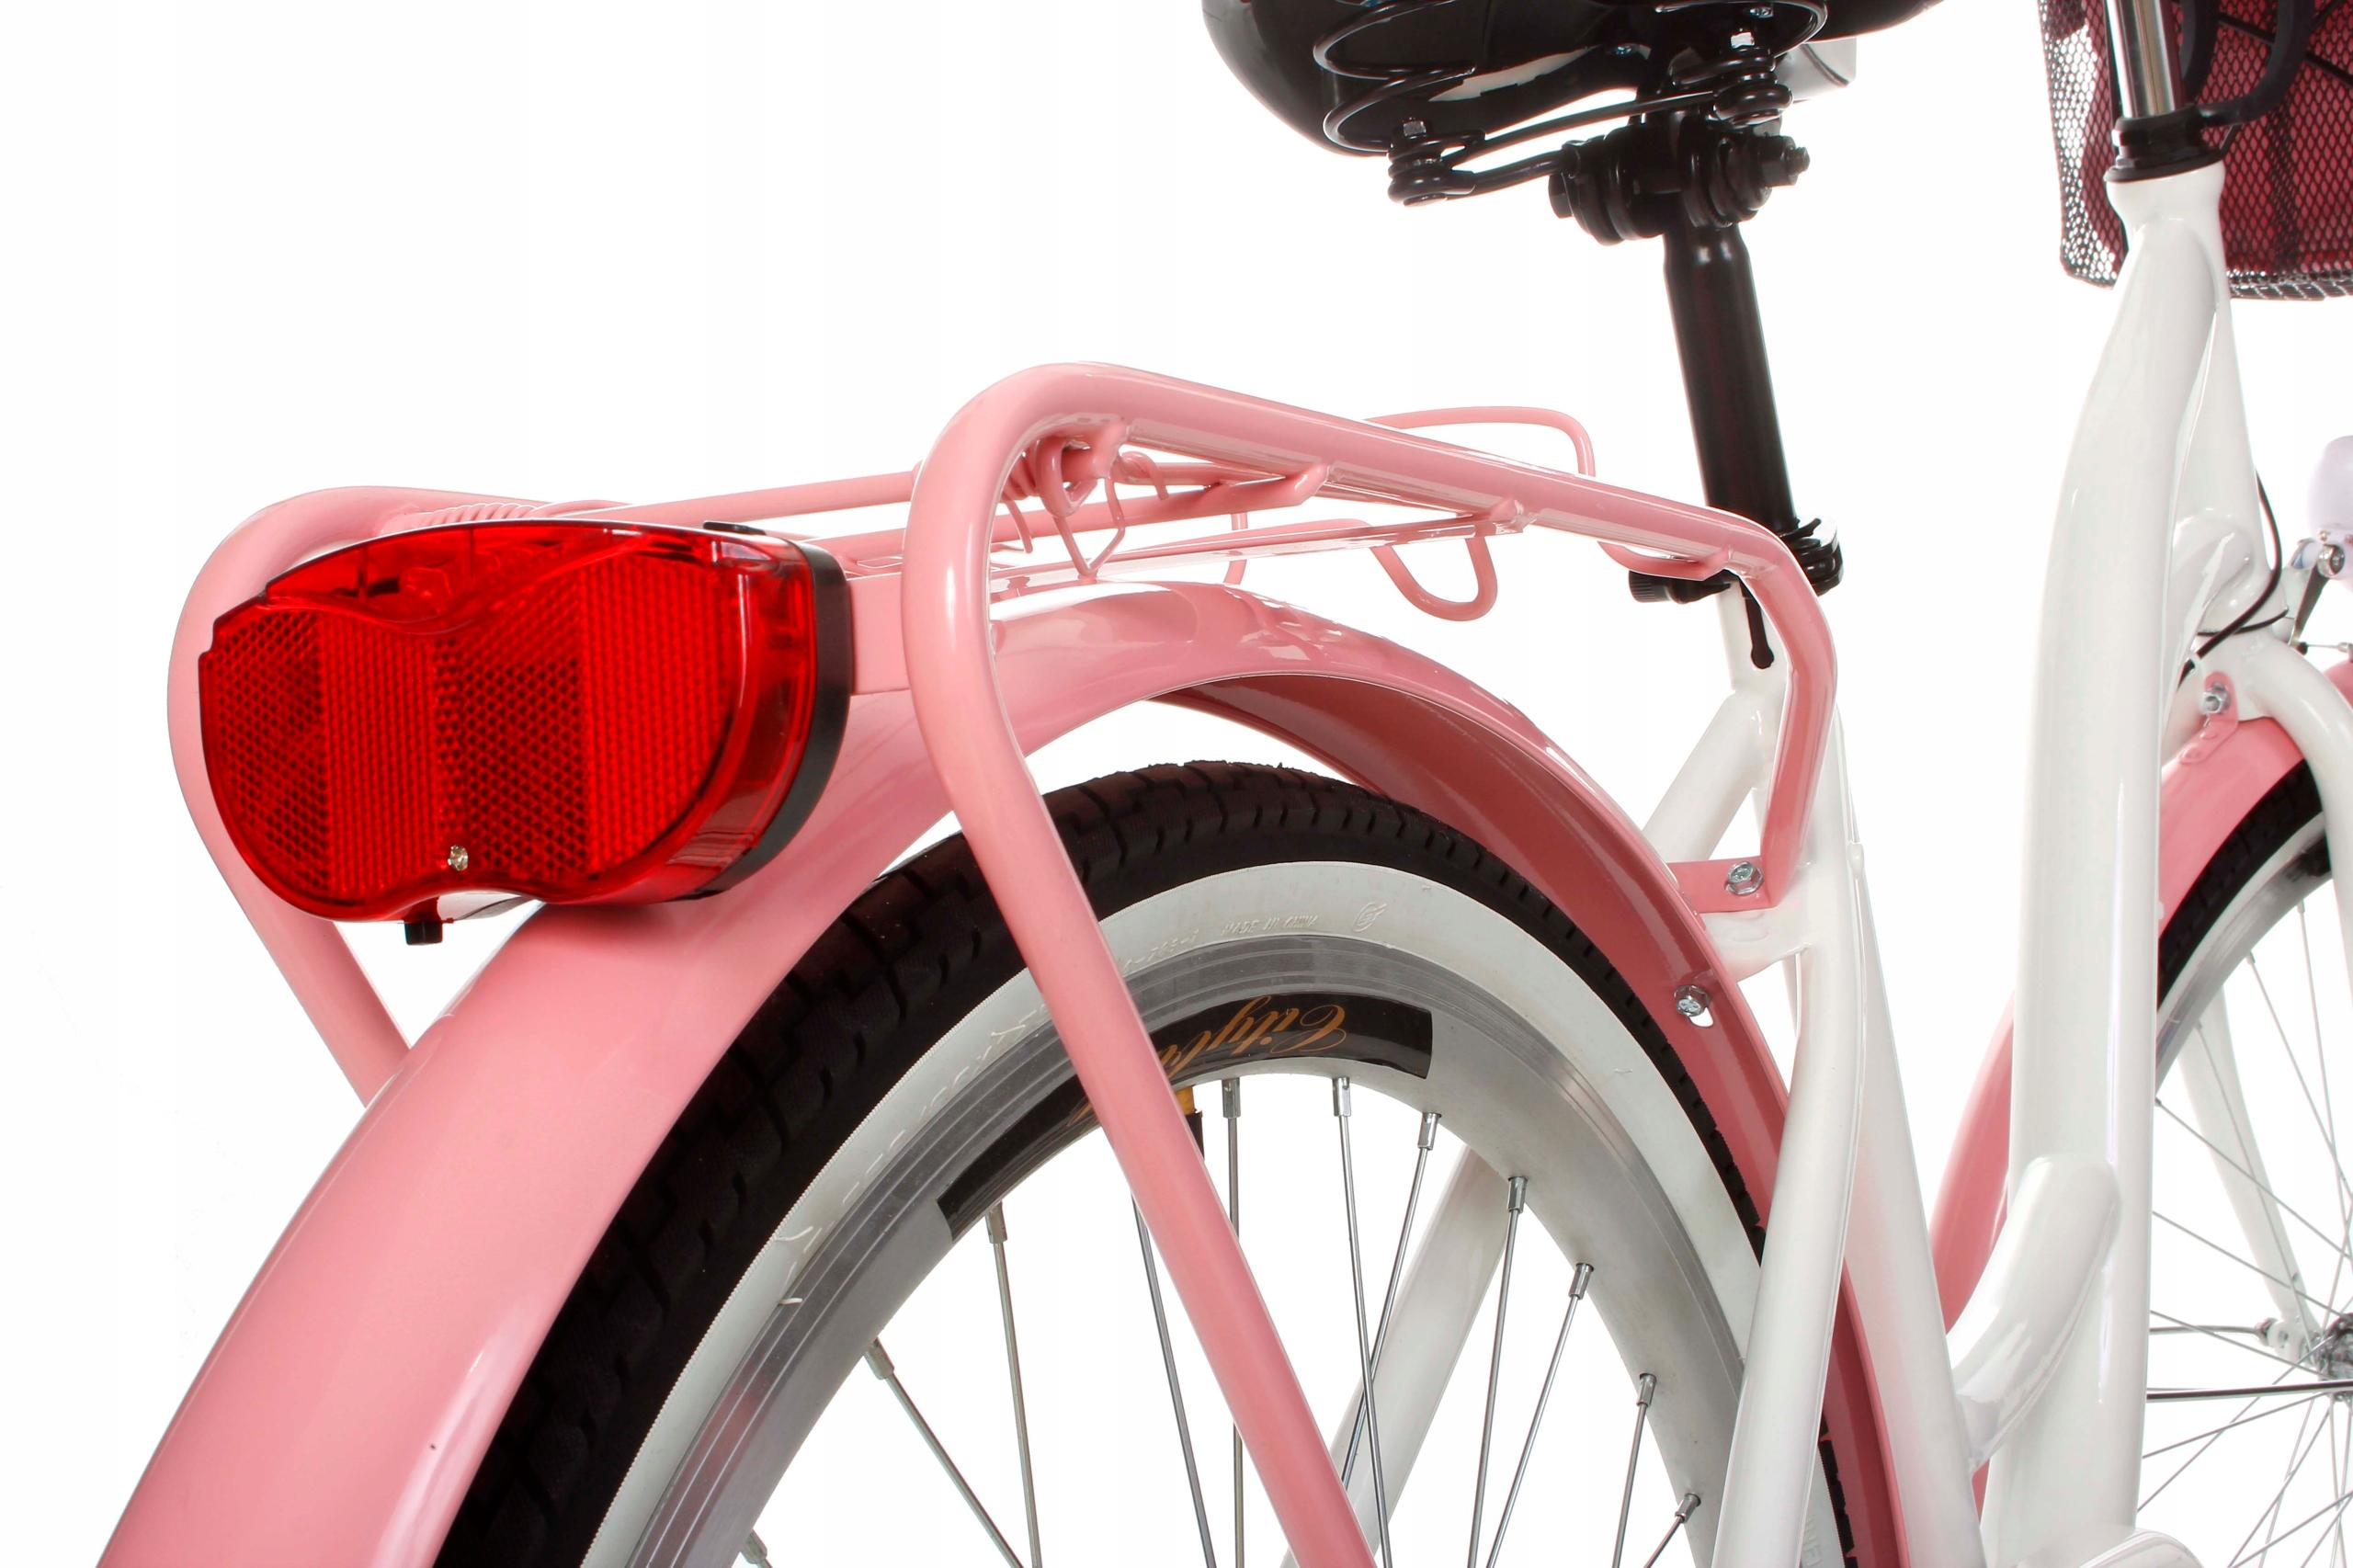 Dámsky mestský bicykel Goetze BLUEBERRY 26 košík!  Chýba typ prehadzovačky